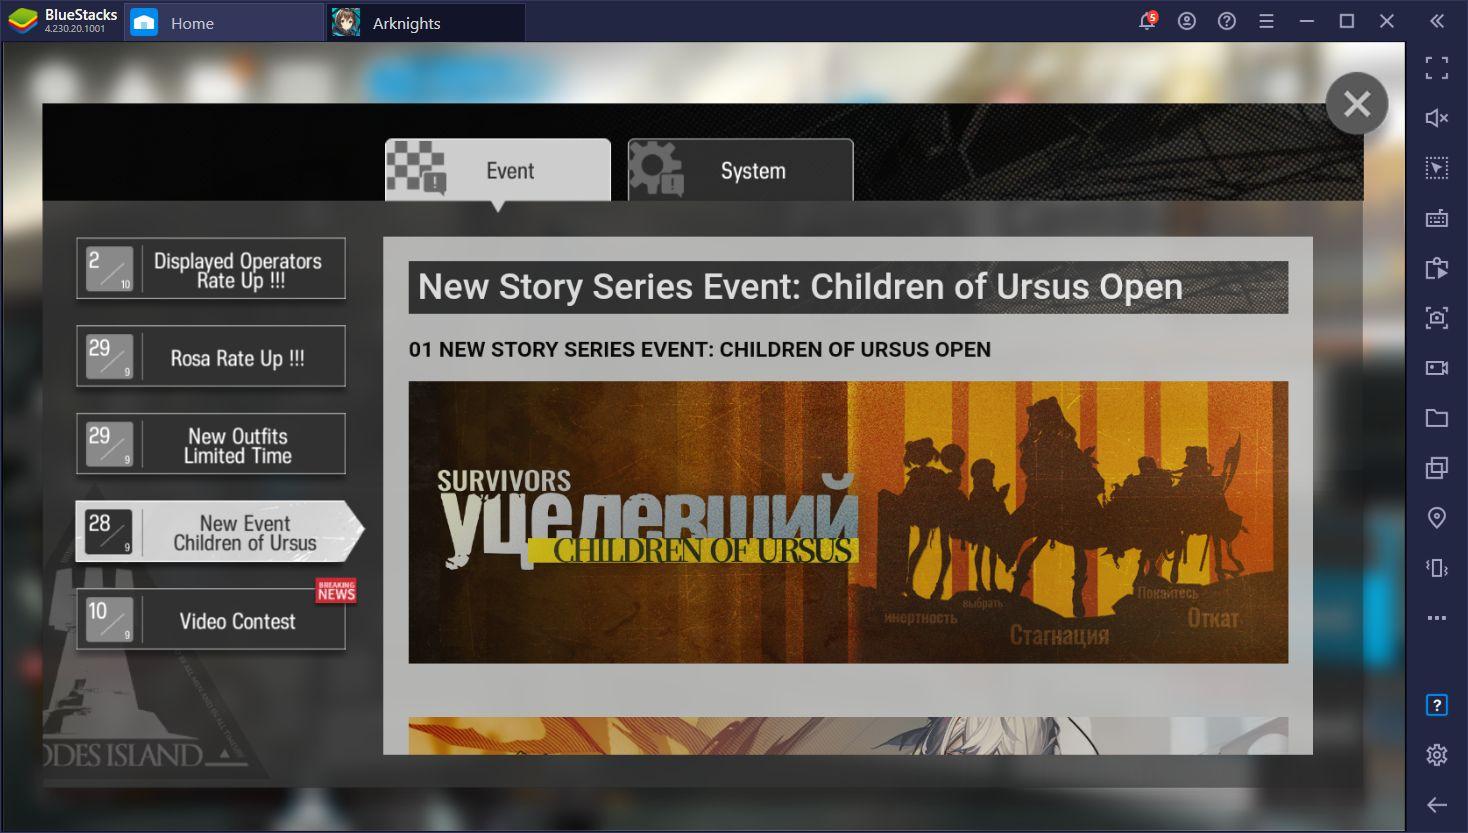 Actualización 'Children of Ursus' de Arknights – Nuevos Personajes, Historias, y Más en el Nuevo Parche